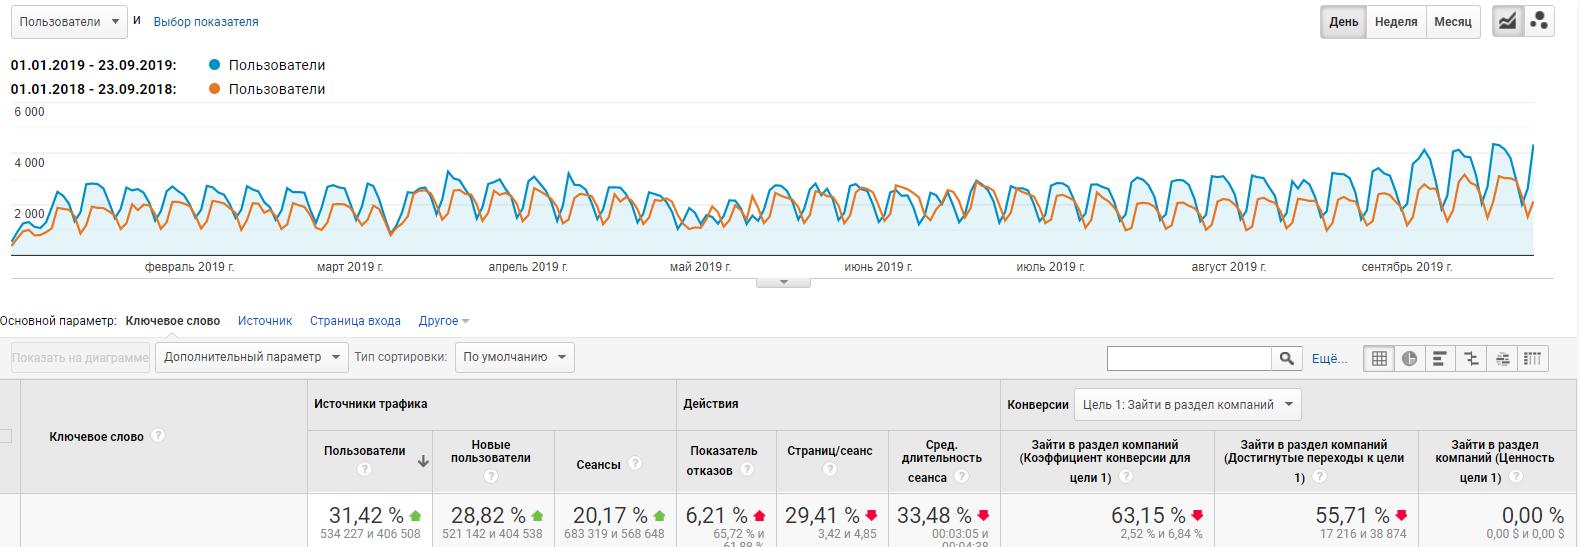 Динамика трафика до и после SEO-продвижения по данным Google